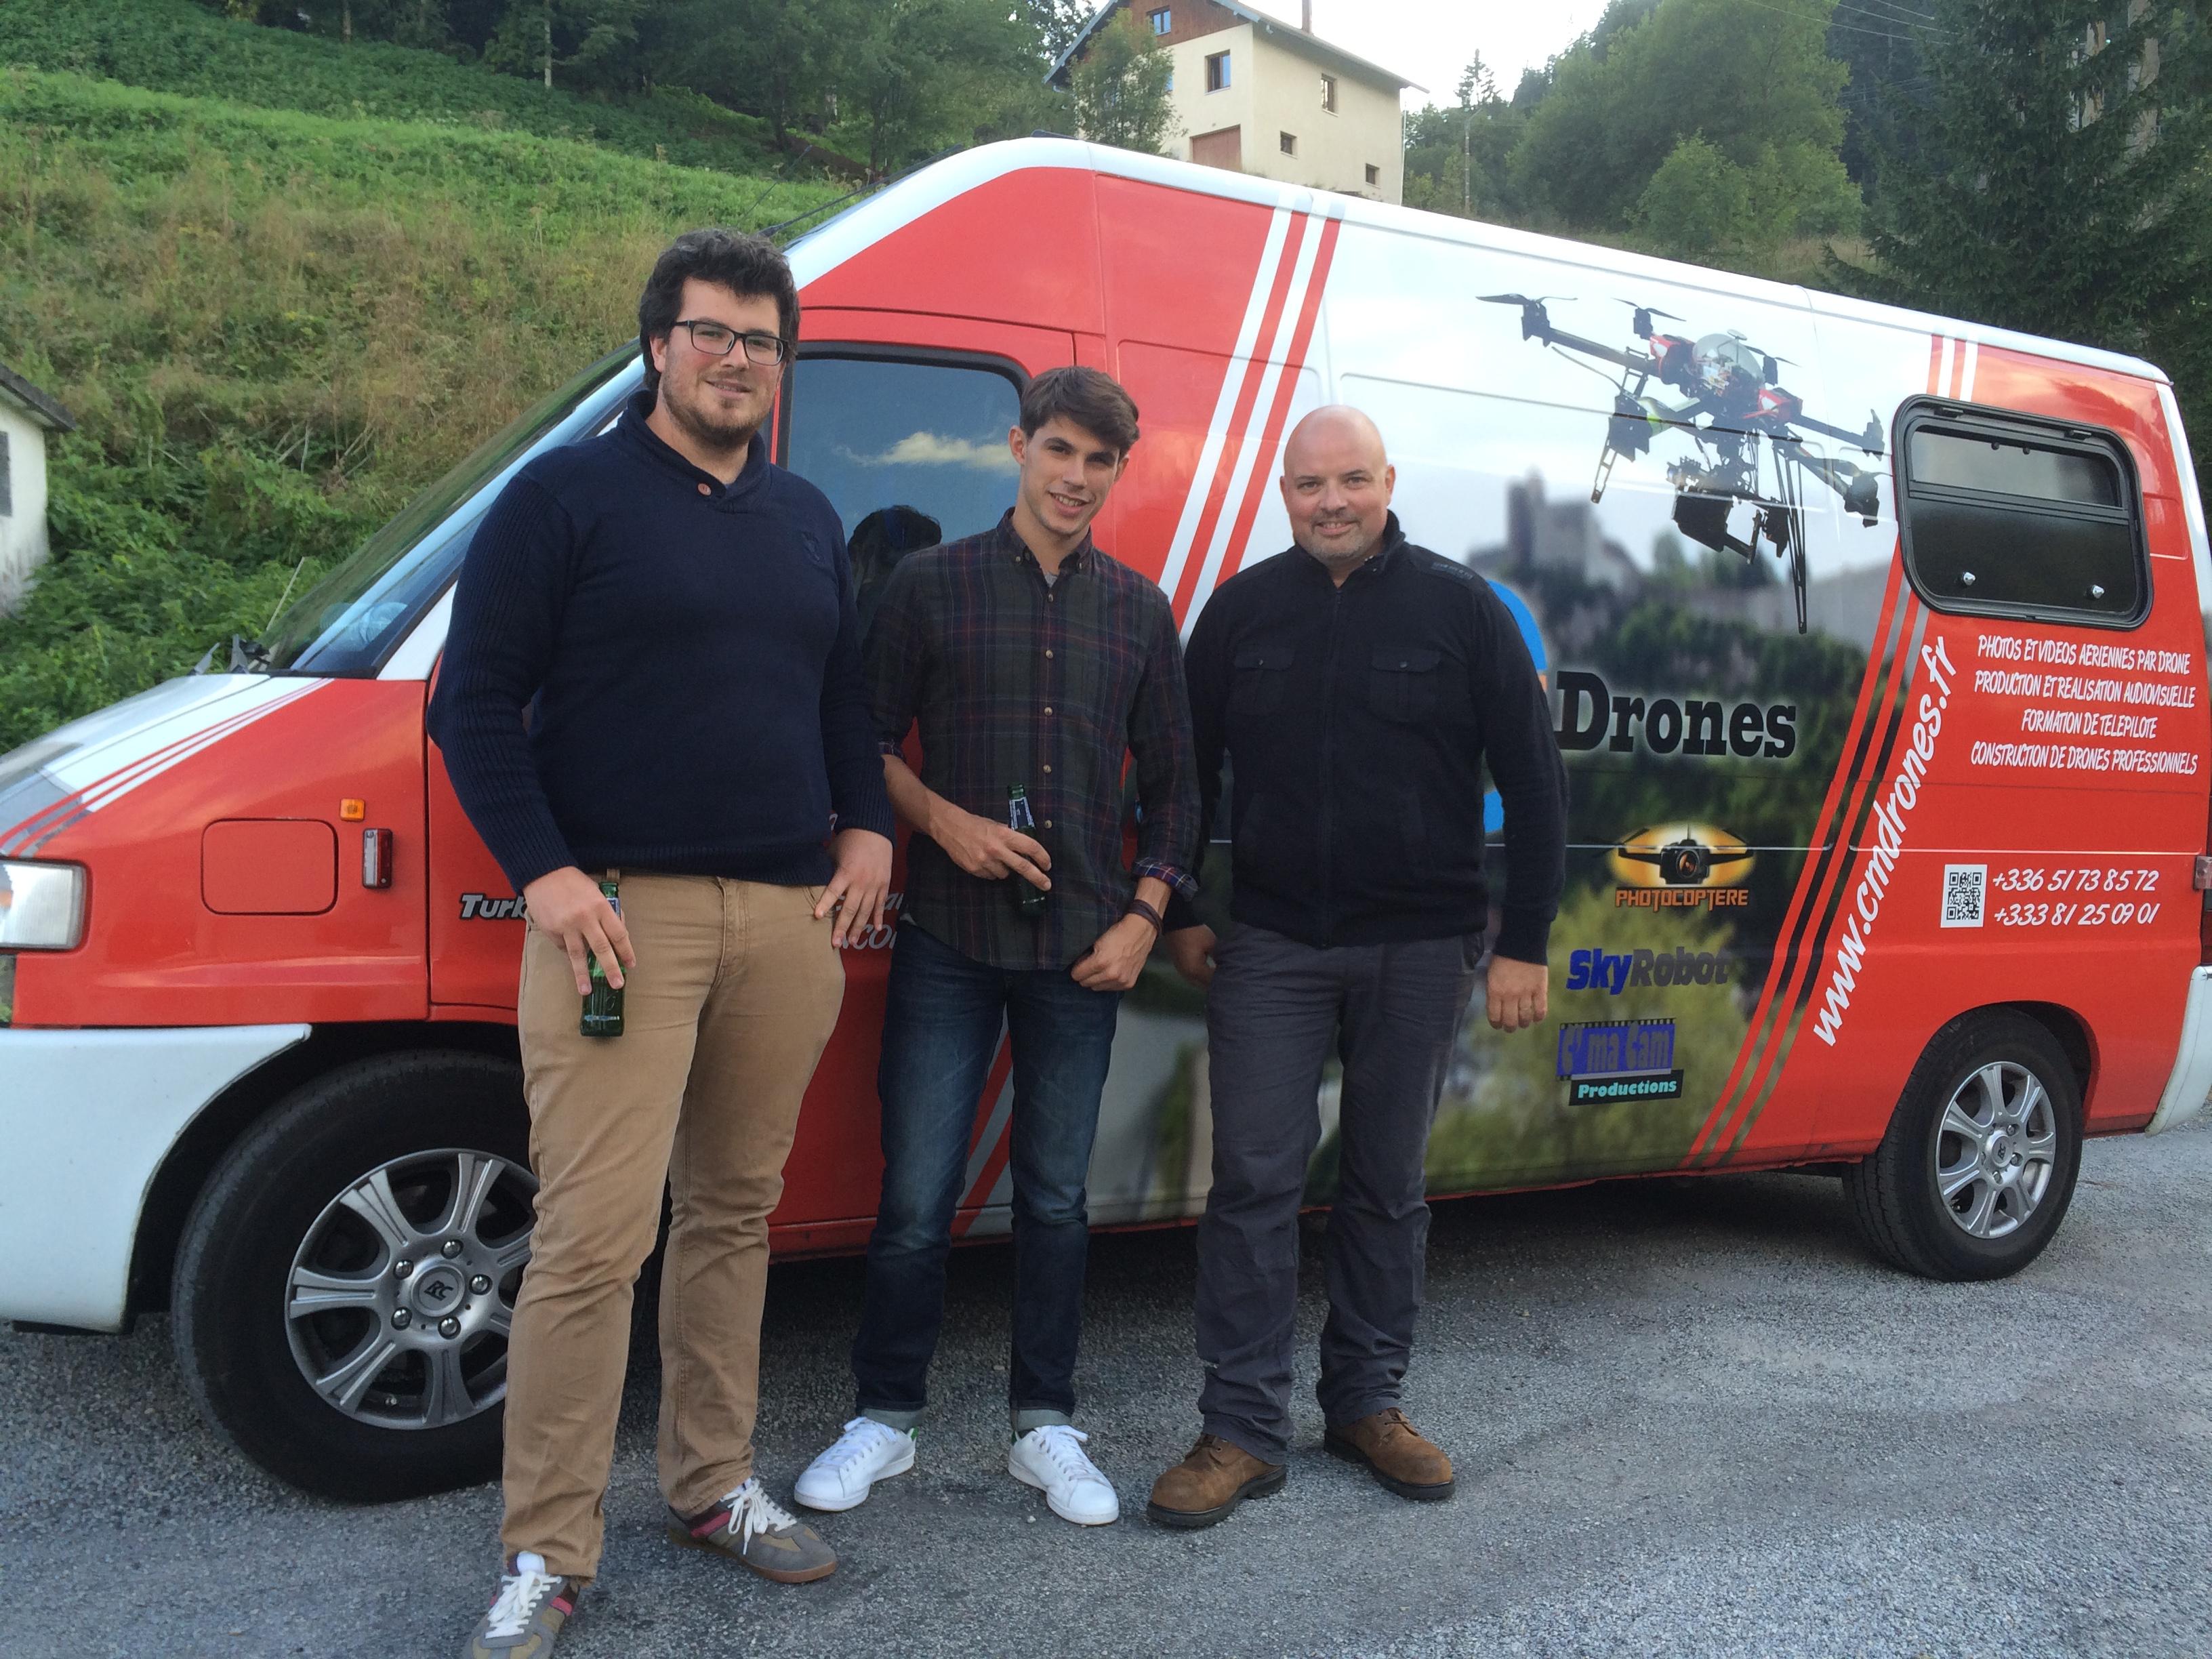 photo avec l'équipe drone du clip